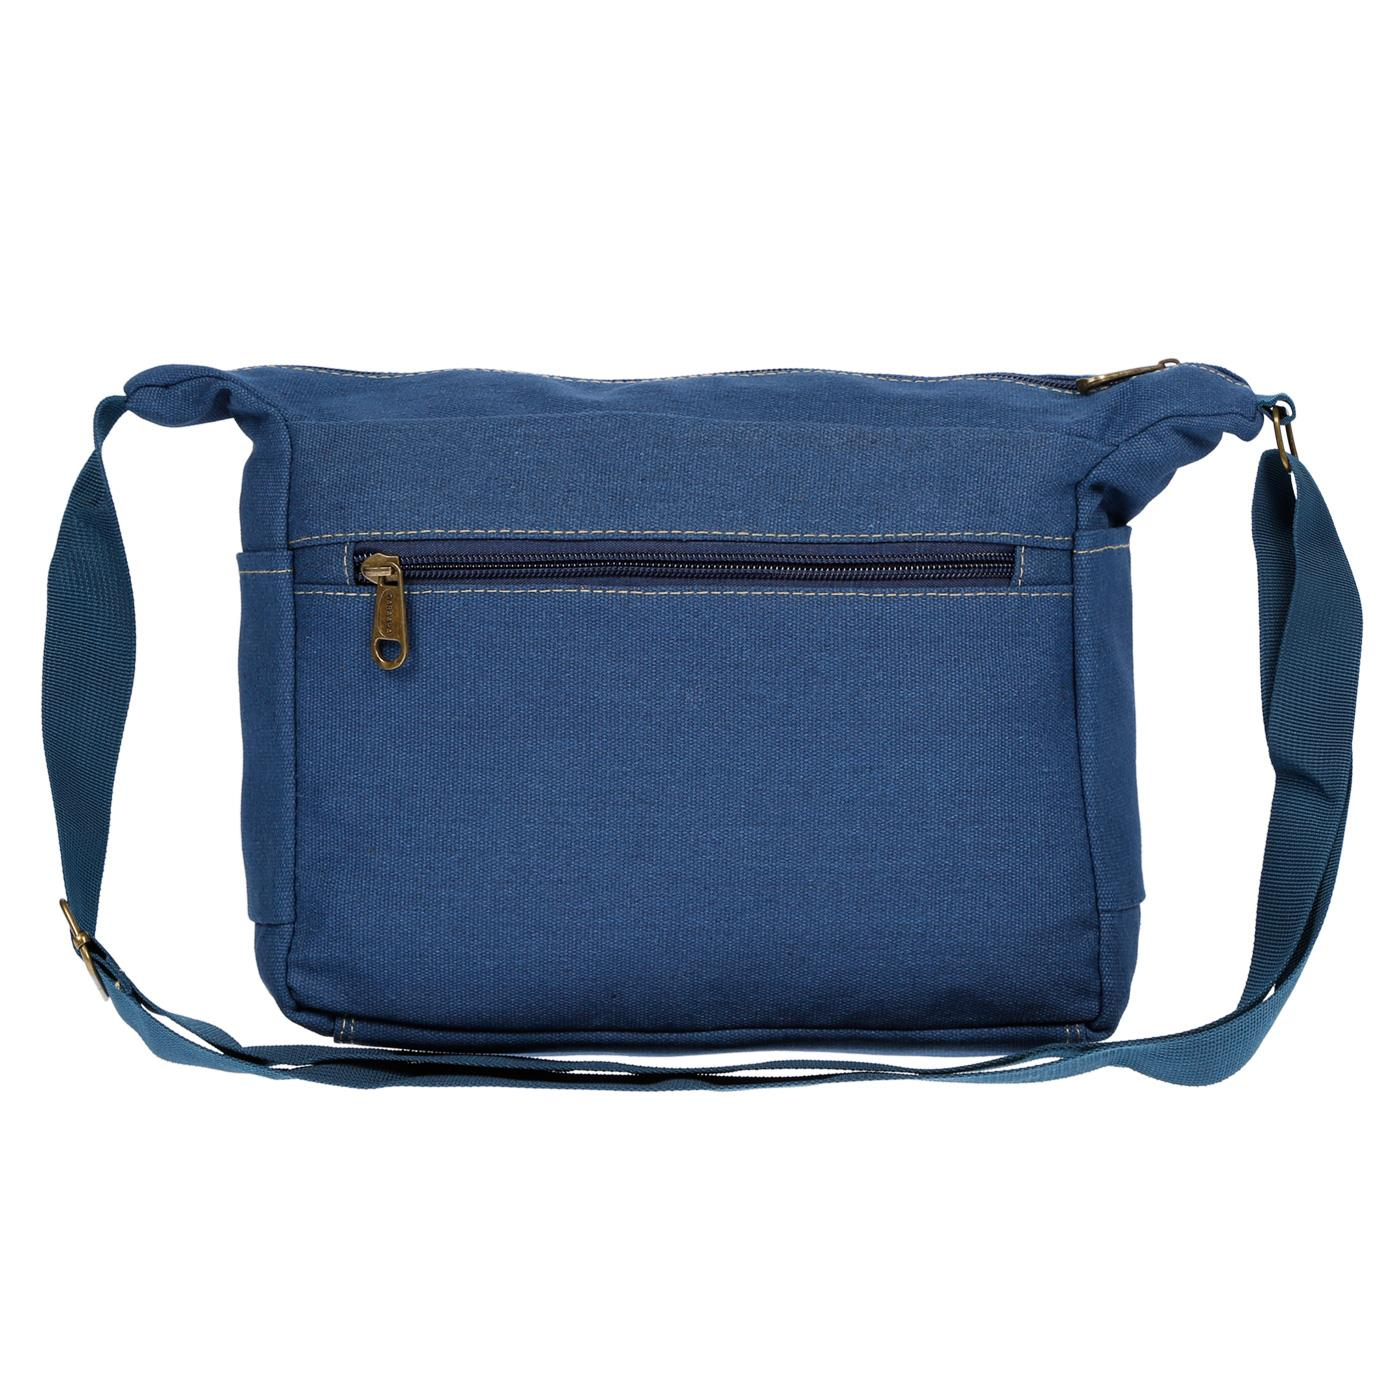 Damen-Tasche-Canvas-Umhaengetasche-Schultertasche-Crossover-Bag-Damenhandtasche Indexbild 22